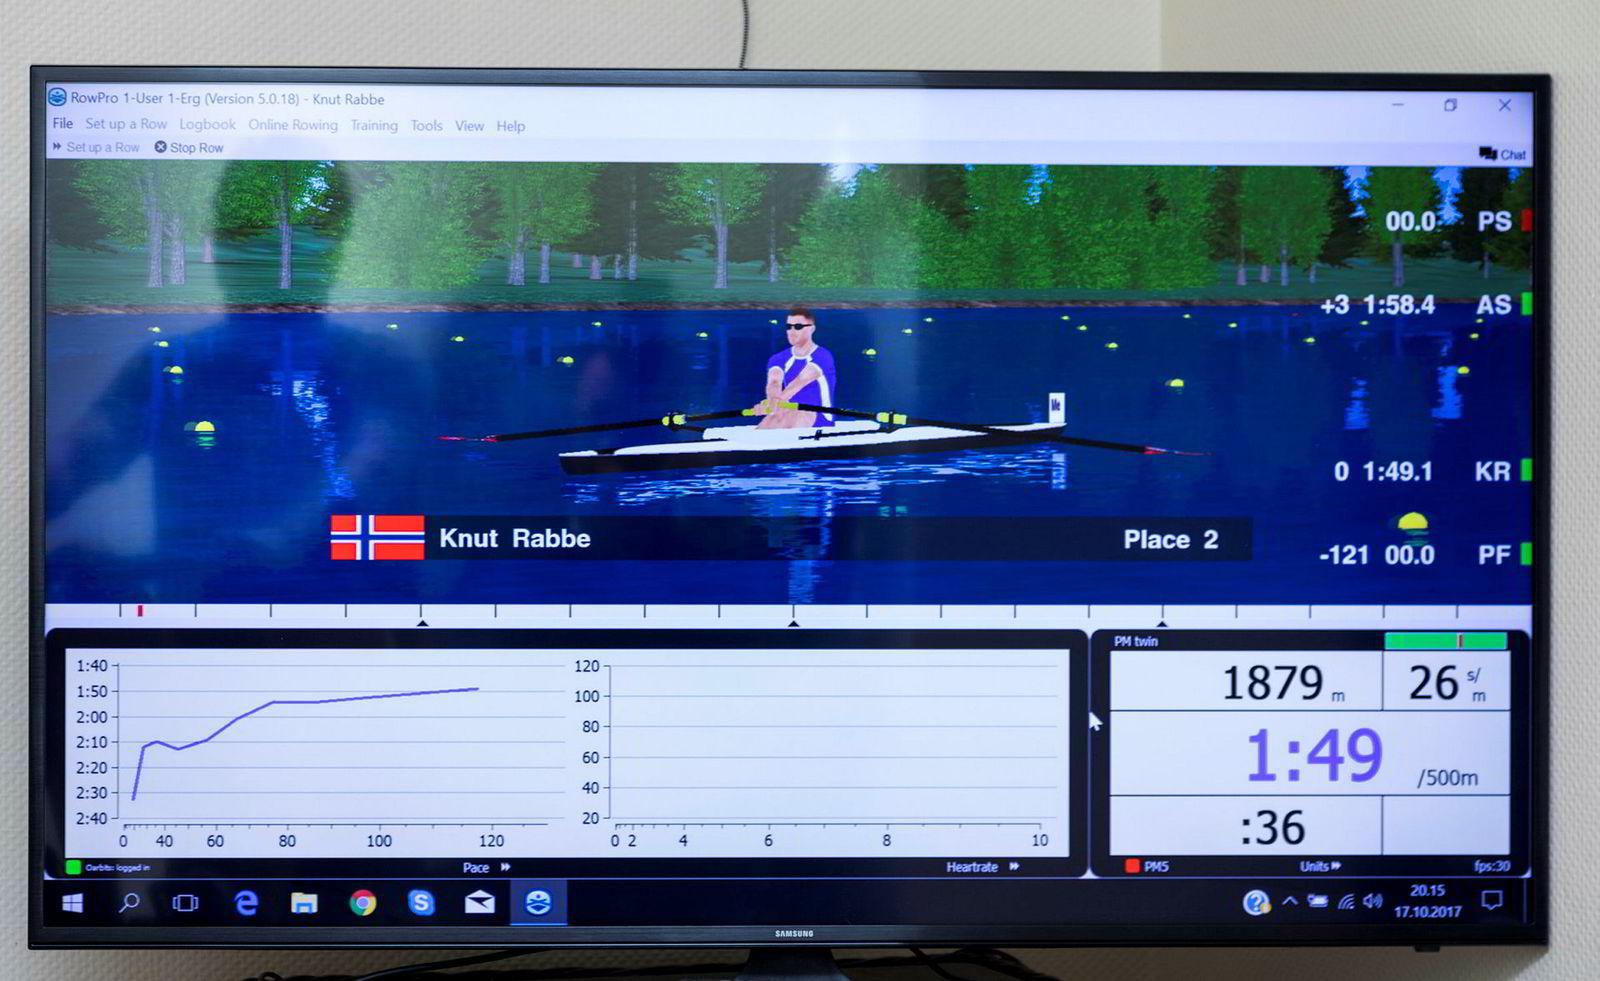 På tv-skjermen ser roerne blant annet hvordan de ligger i feltet, fart, rytme og hvor langt de har rodd.